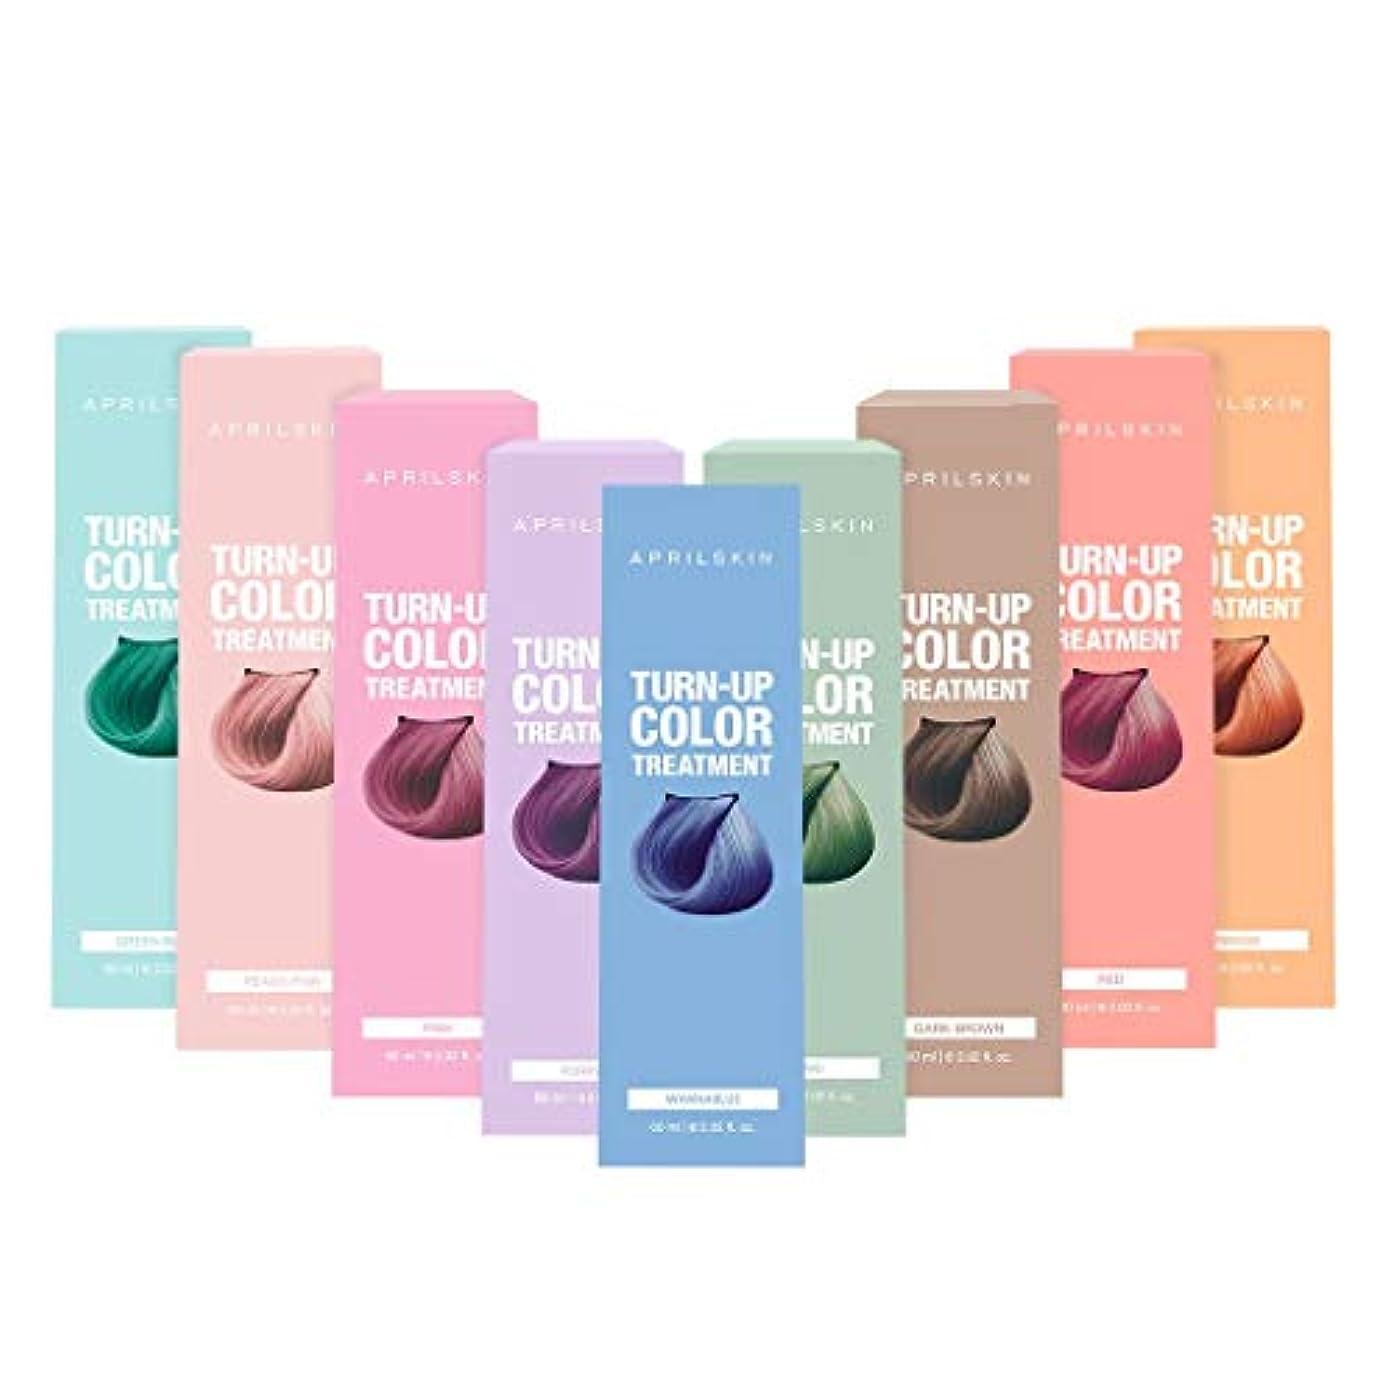 中絶流体競争力のあるApril Skin(エイプリルスキン) ターンアップカラー トリートメント Ash KHAKI(アシュカーキ) Set(Green Blue + Orange + Peach Pink)/Turn up Color Treatment...